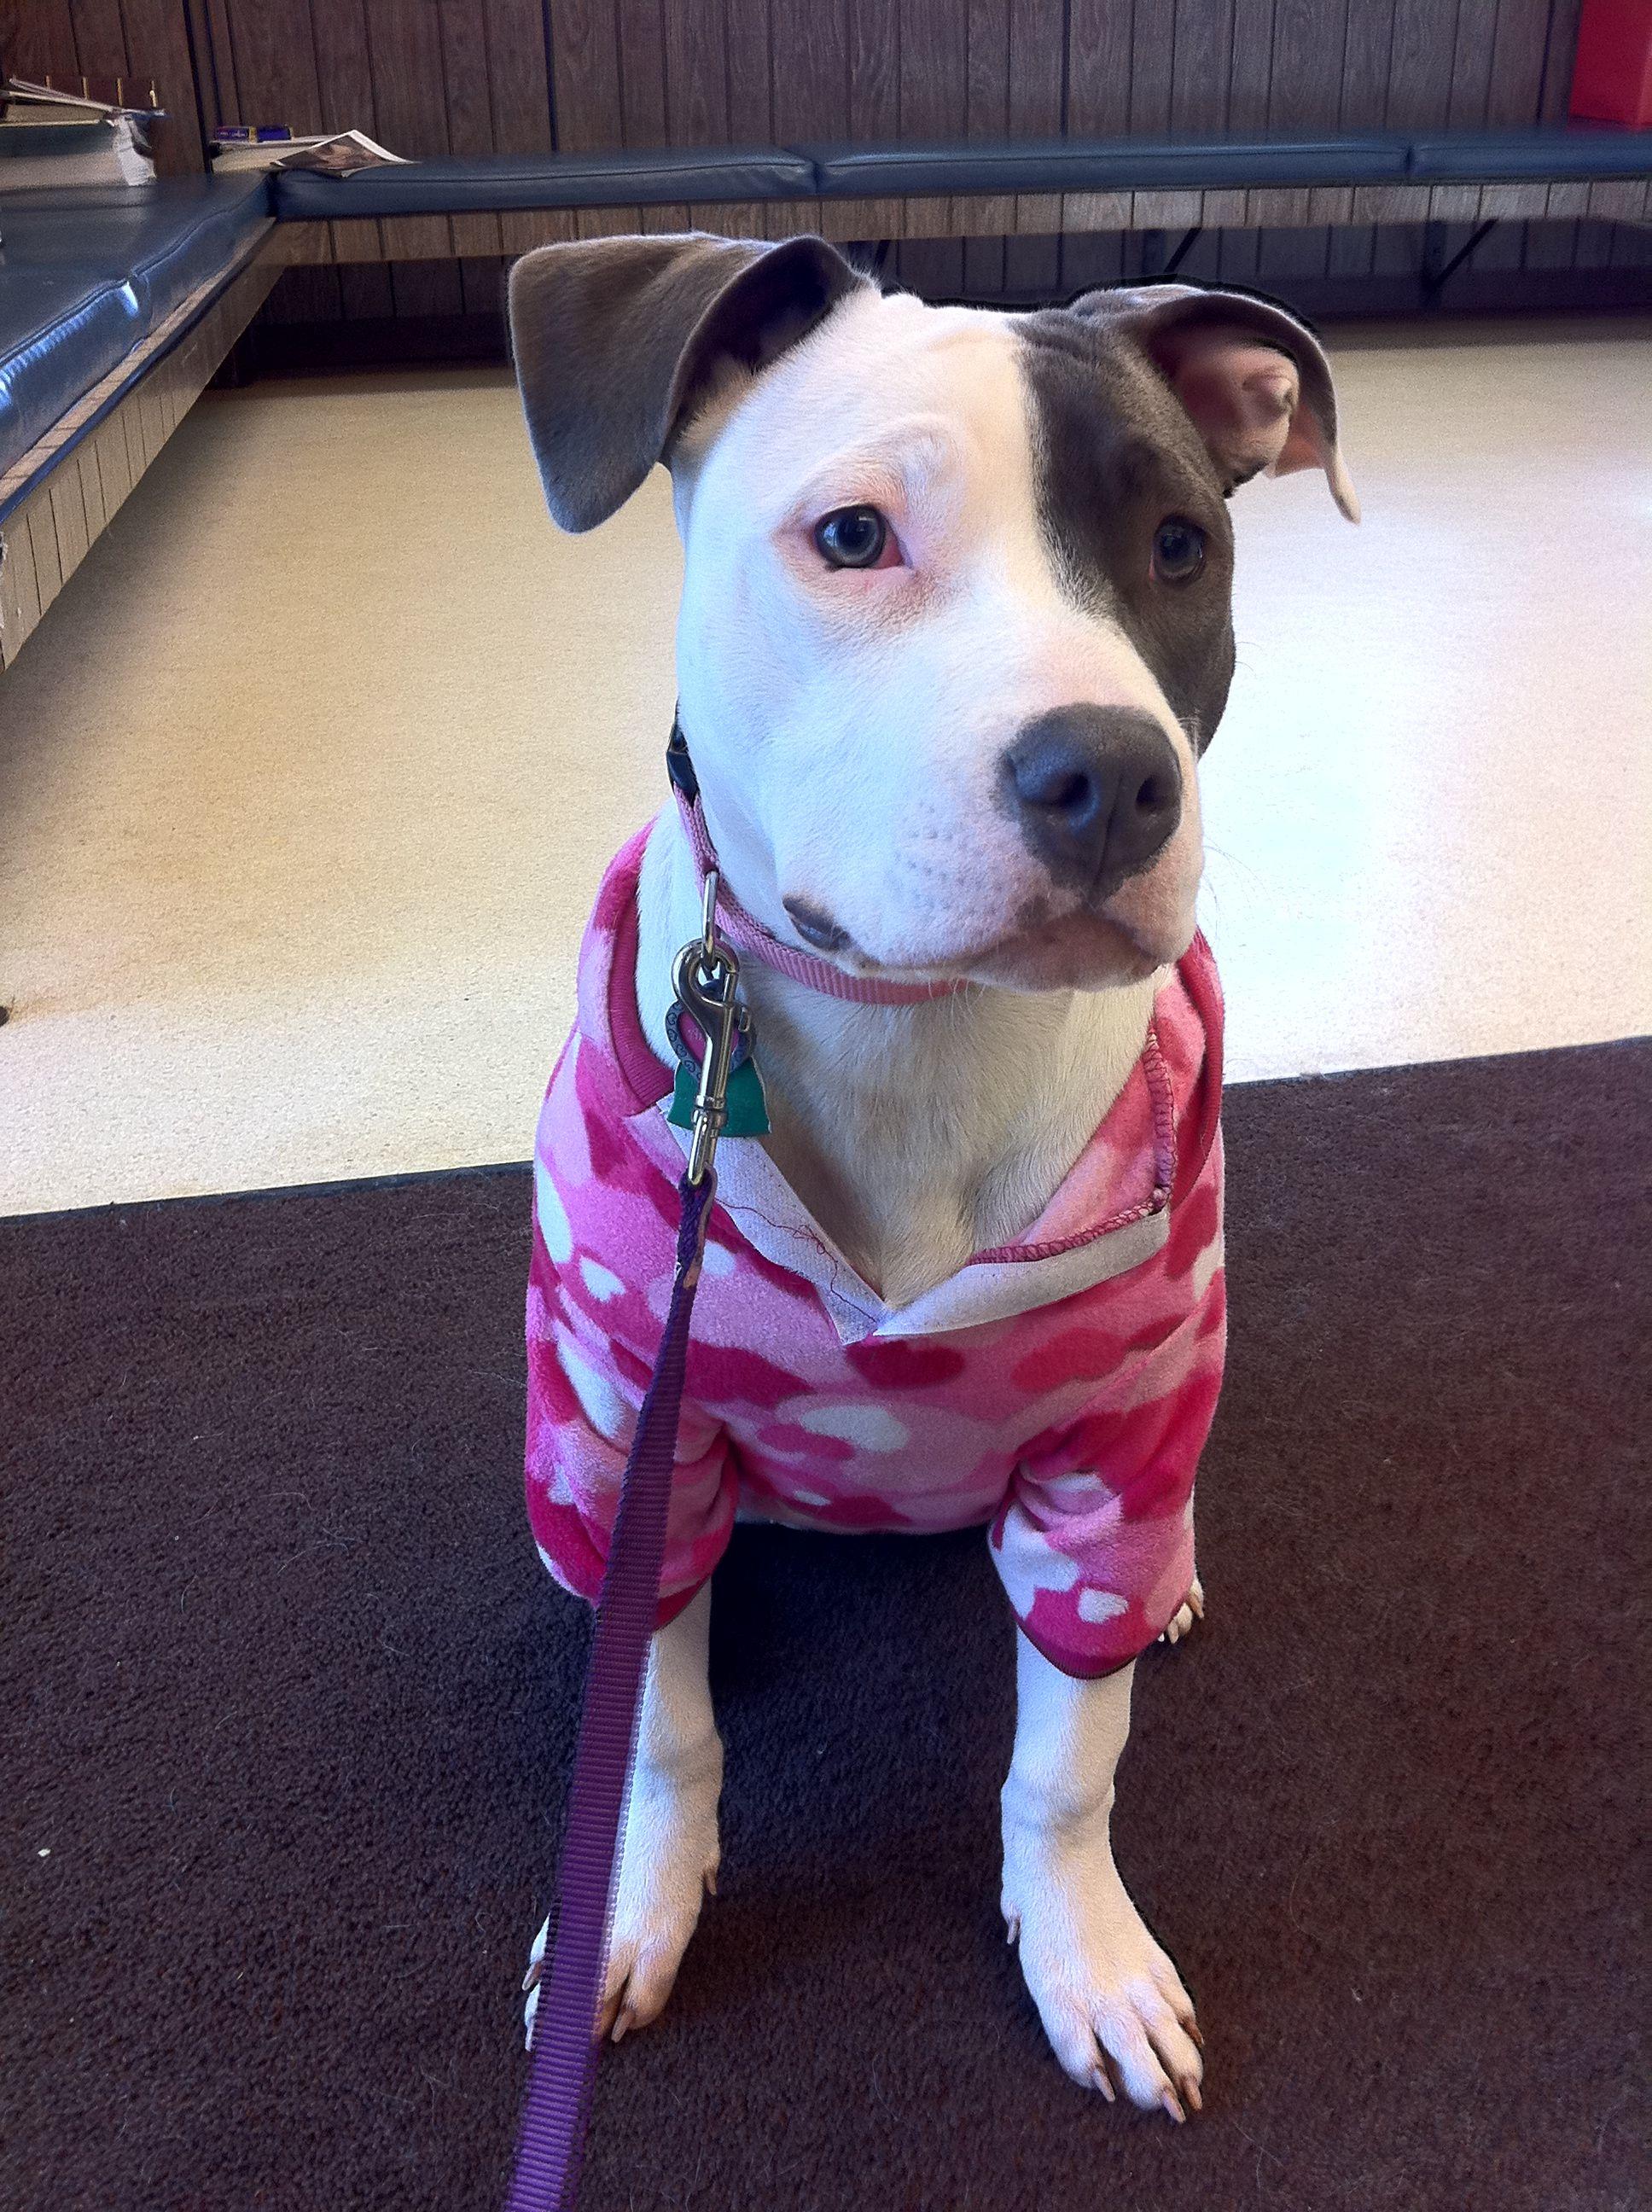 Dressed for the vet